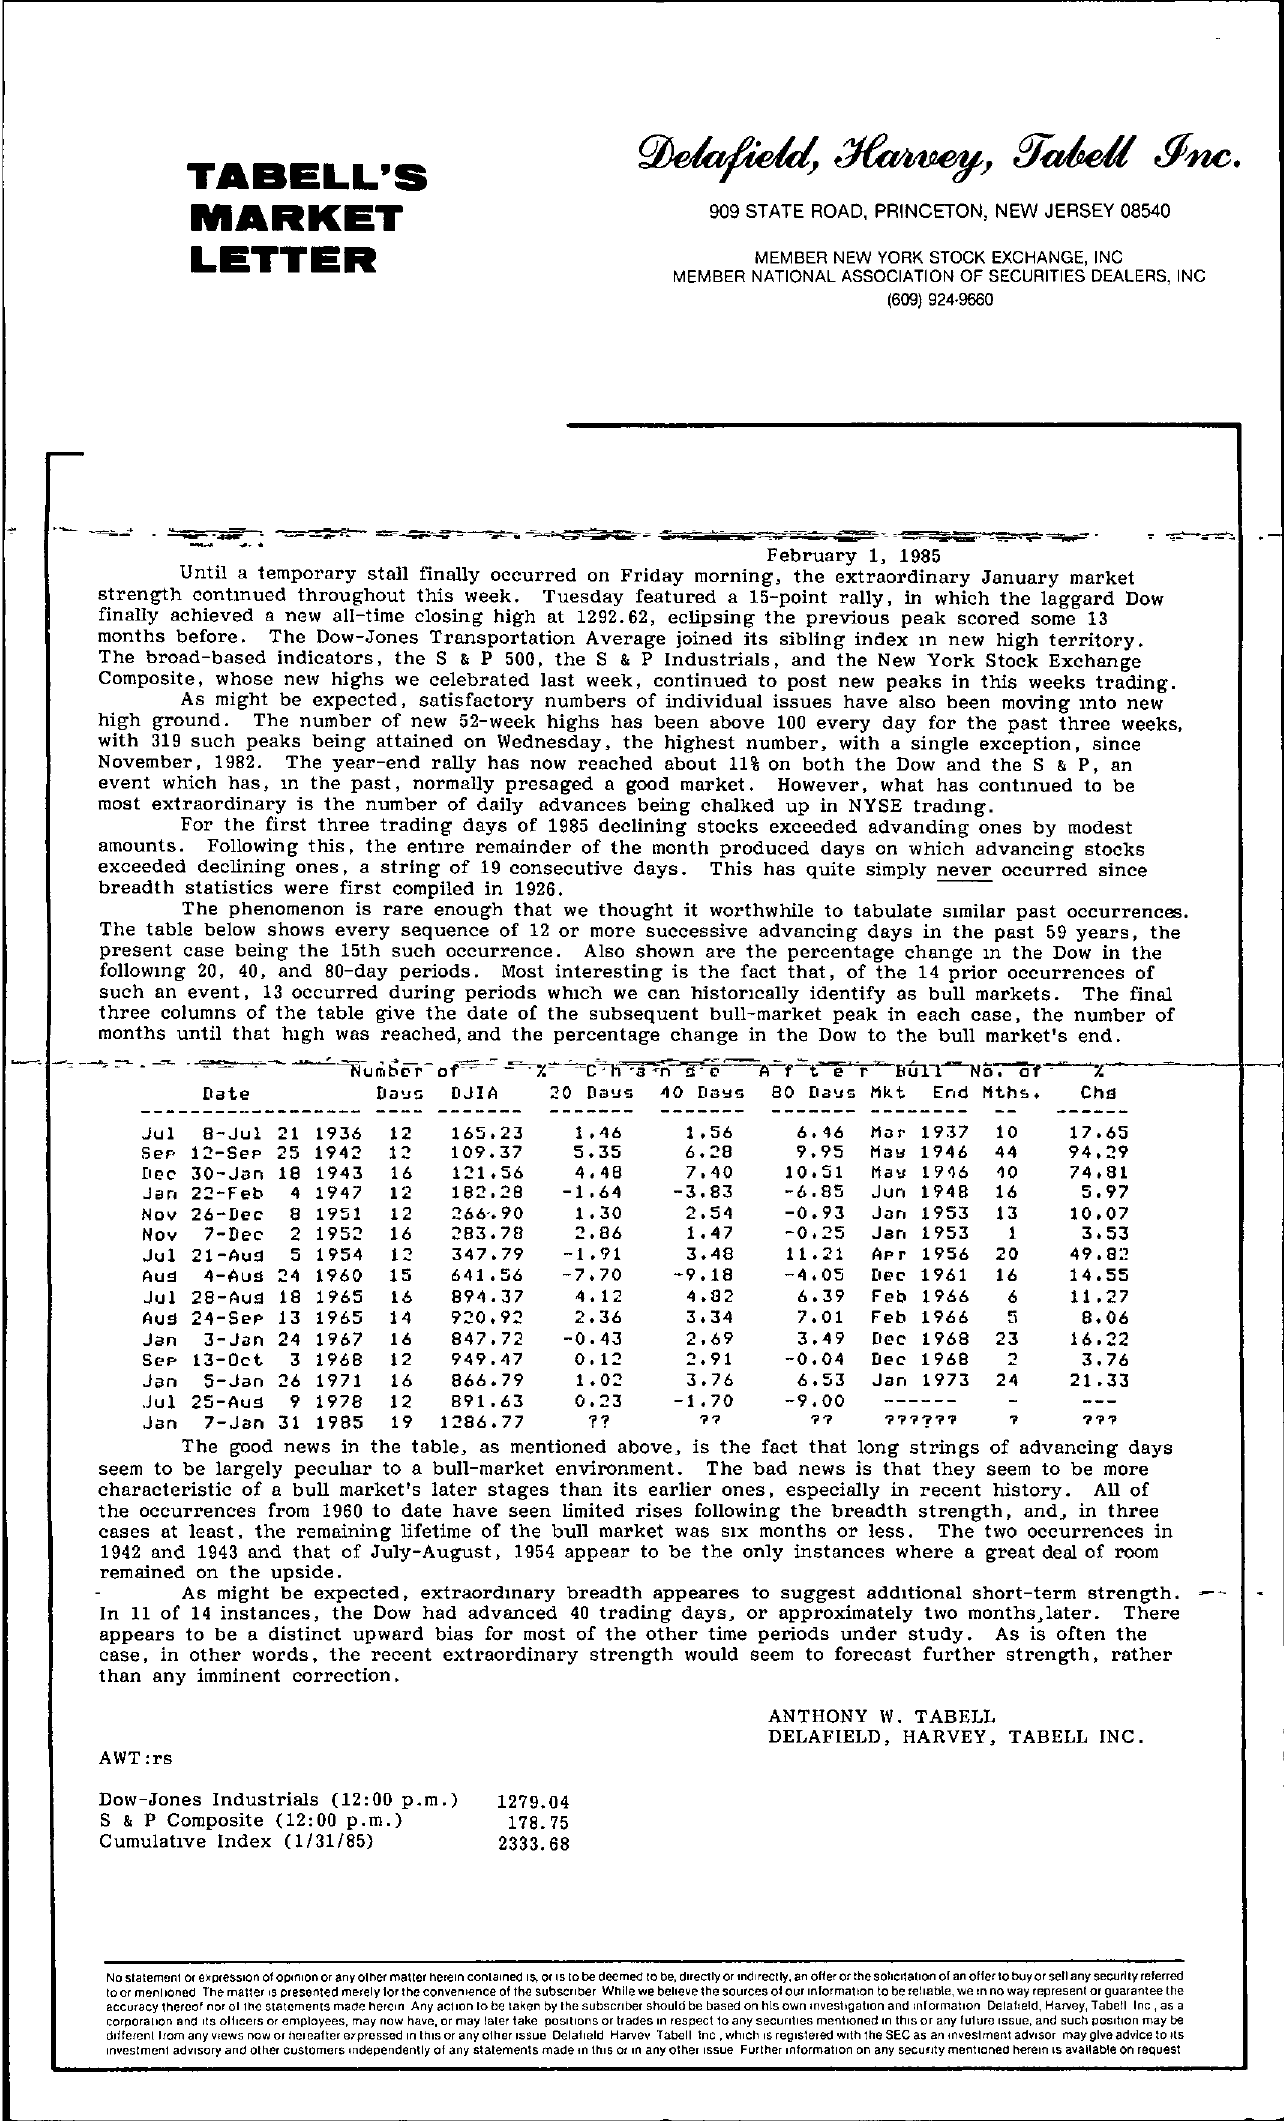 Tabell's Market Letter - February 01, 1985